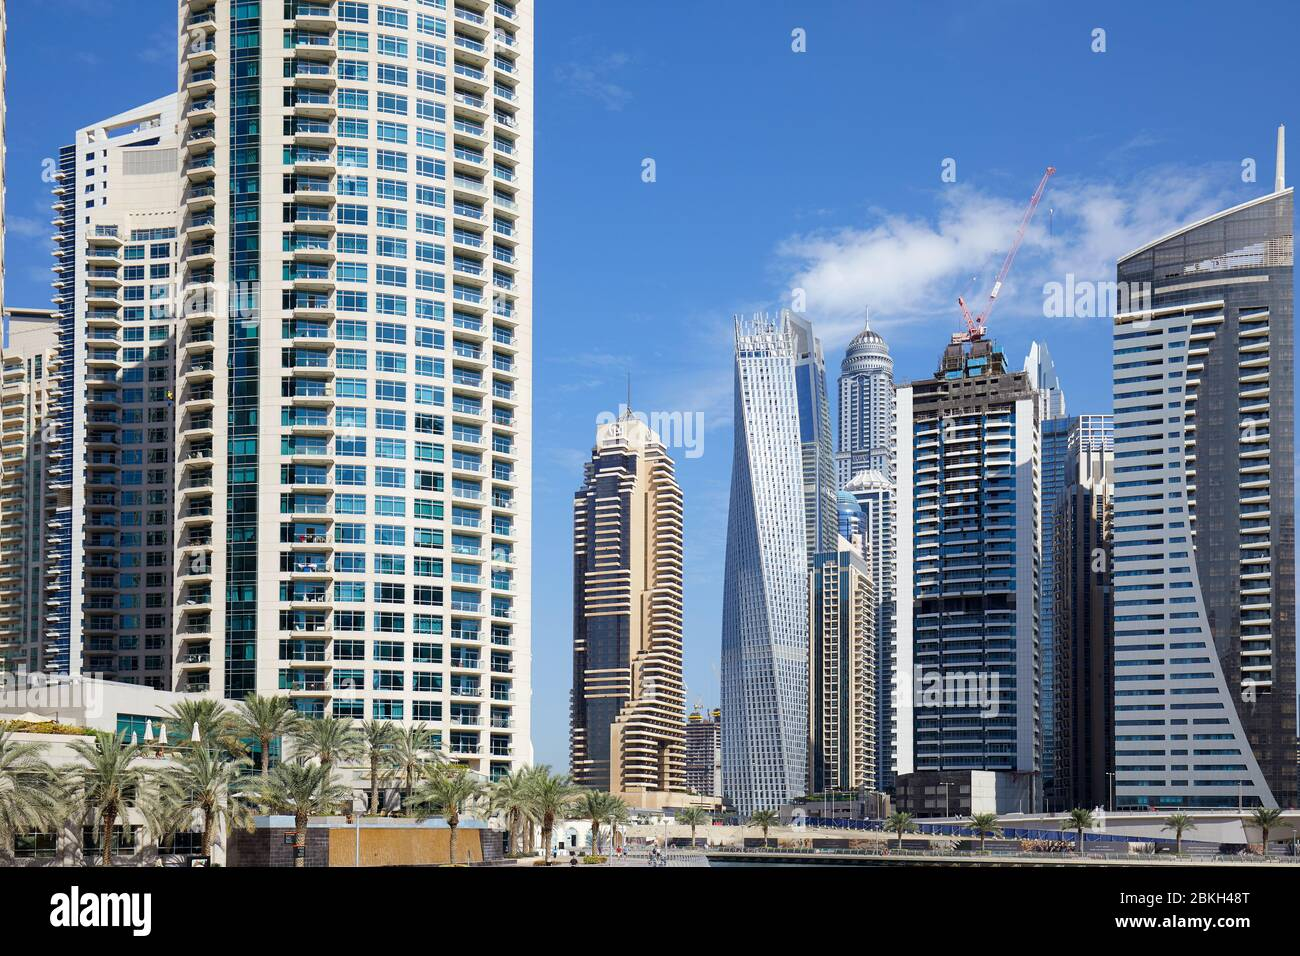 DUBAÏ, EMIRATS ARABES UNIS - 23 NOVEMBRE 2019 : gratte-ciel et palmiers du port de plaisance de Dubaï en une journée ensoleillée, ciel bleu à Dubaï Banque D'Images